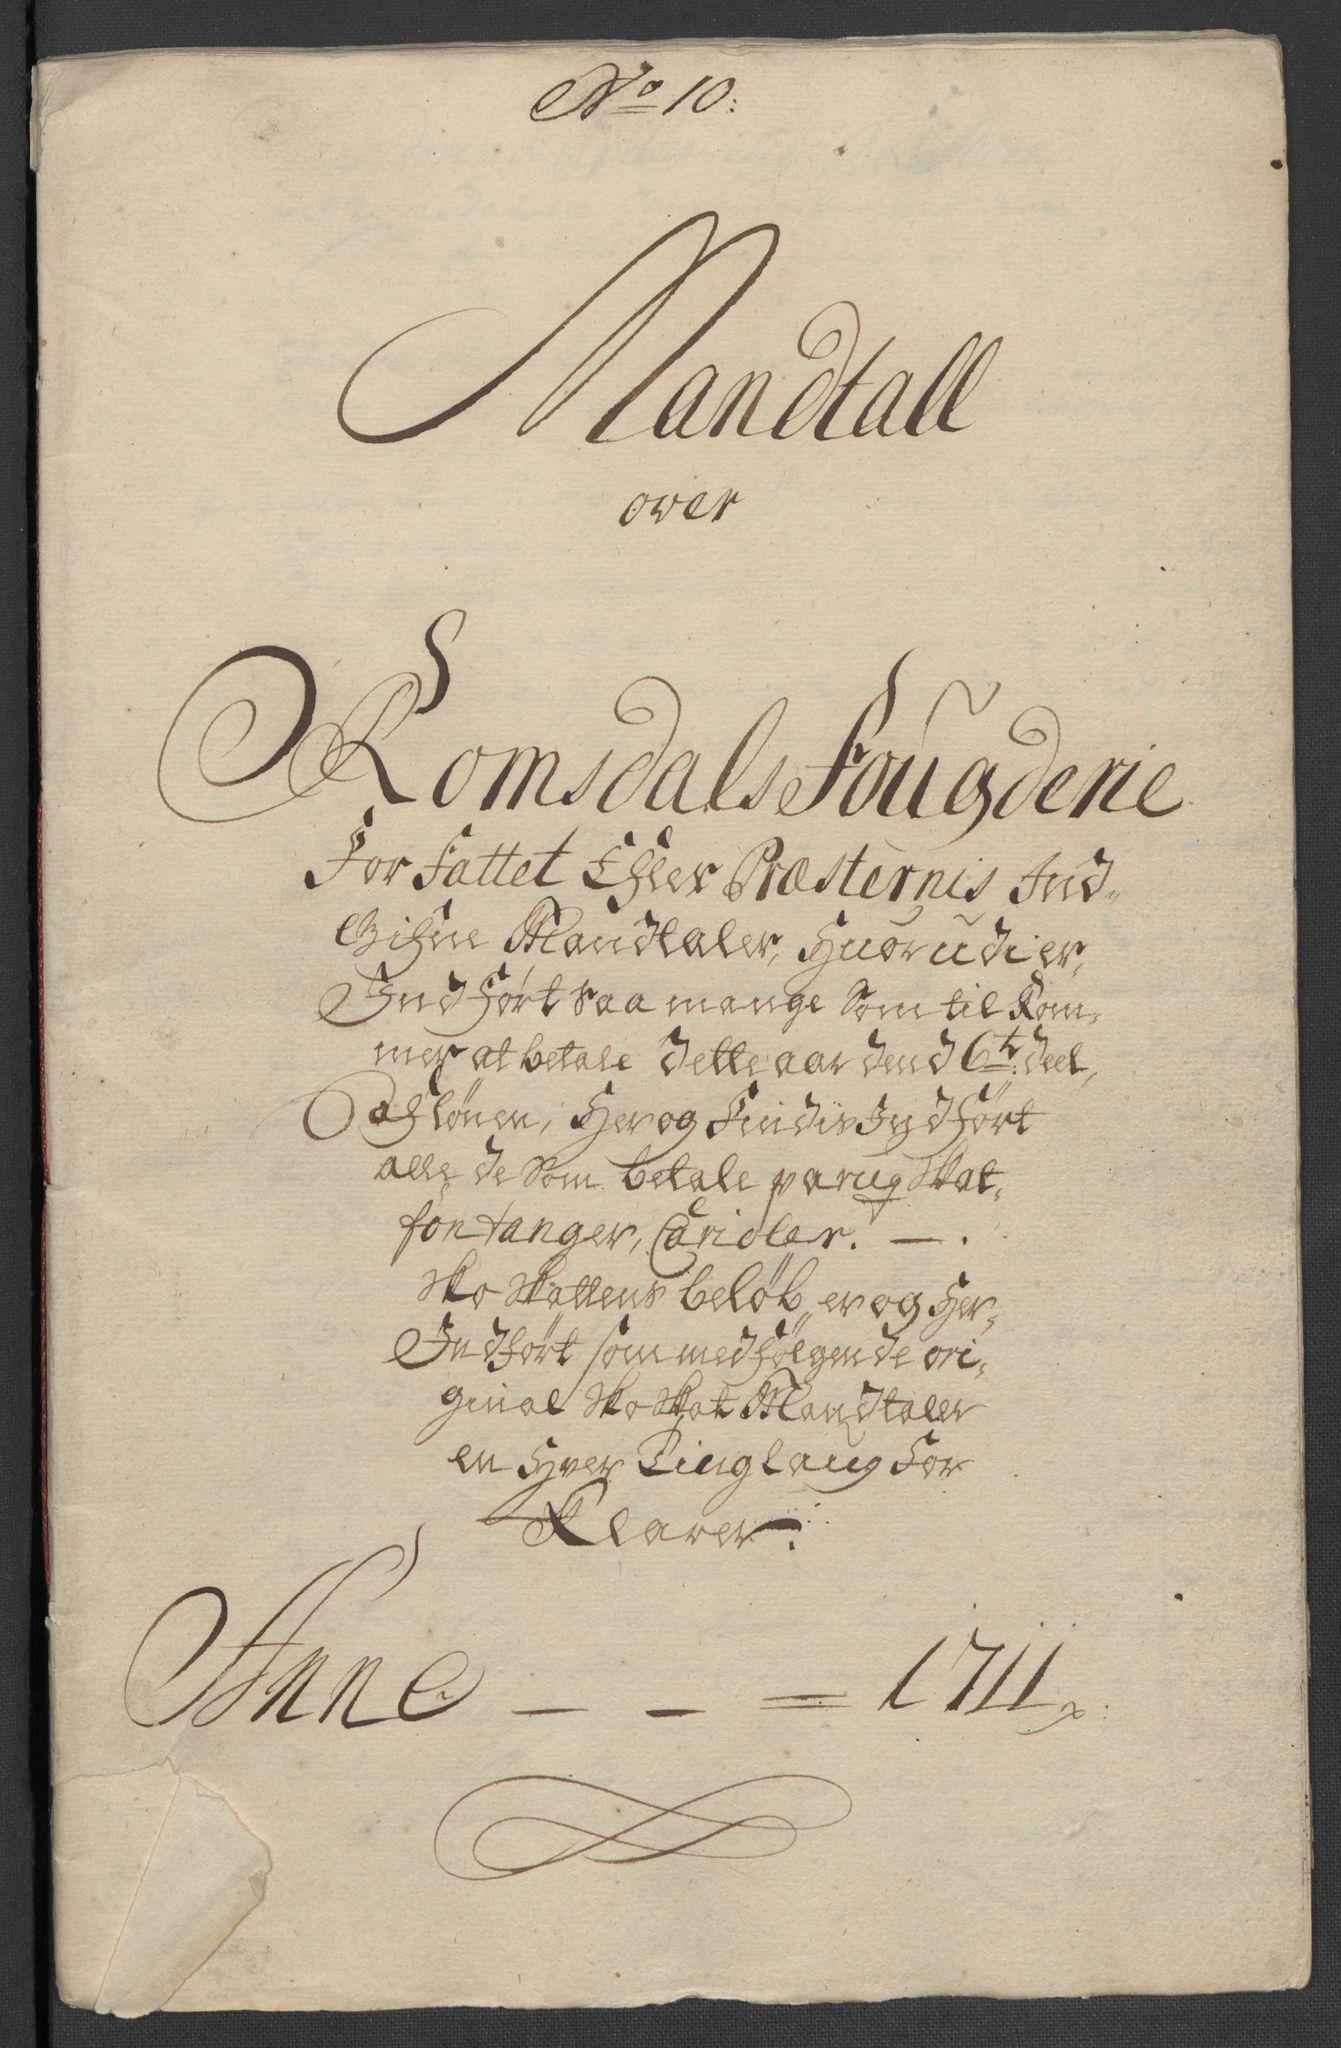 RA, Rentekammeret inntil 1814, Reviderte regnskaper, Fogderegnskap, R55/L3660: Fogderegnskap Romsdal, 1711, s. 130